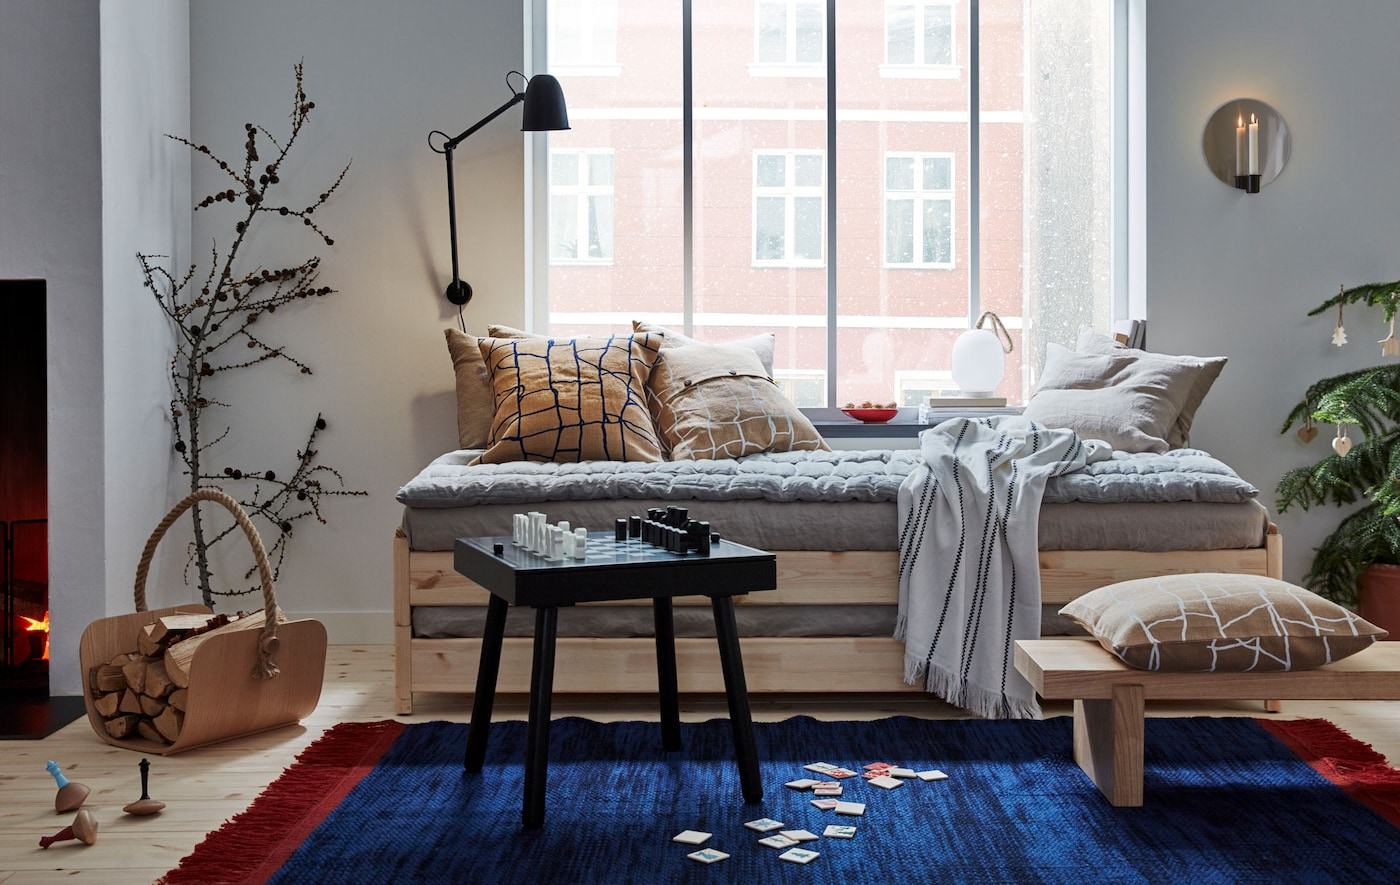 Lagano opremljena dnevna soba, sa složivim krevetom ispod prozora, jastučićima, tekstilima, dva stočića za kafu, velikim tepihom.